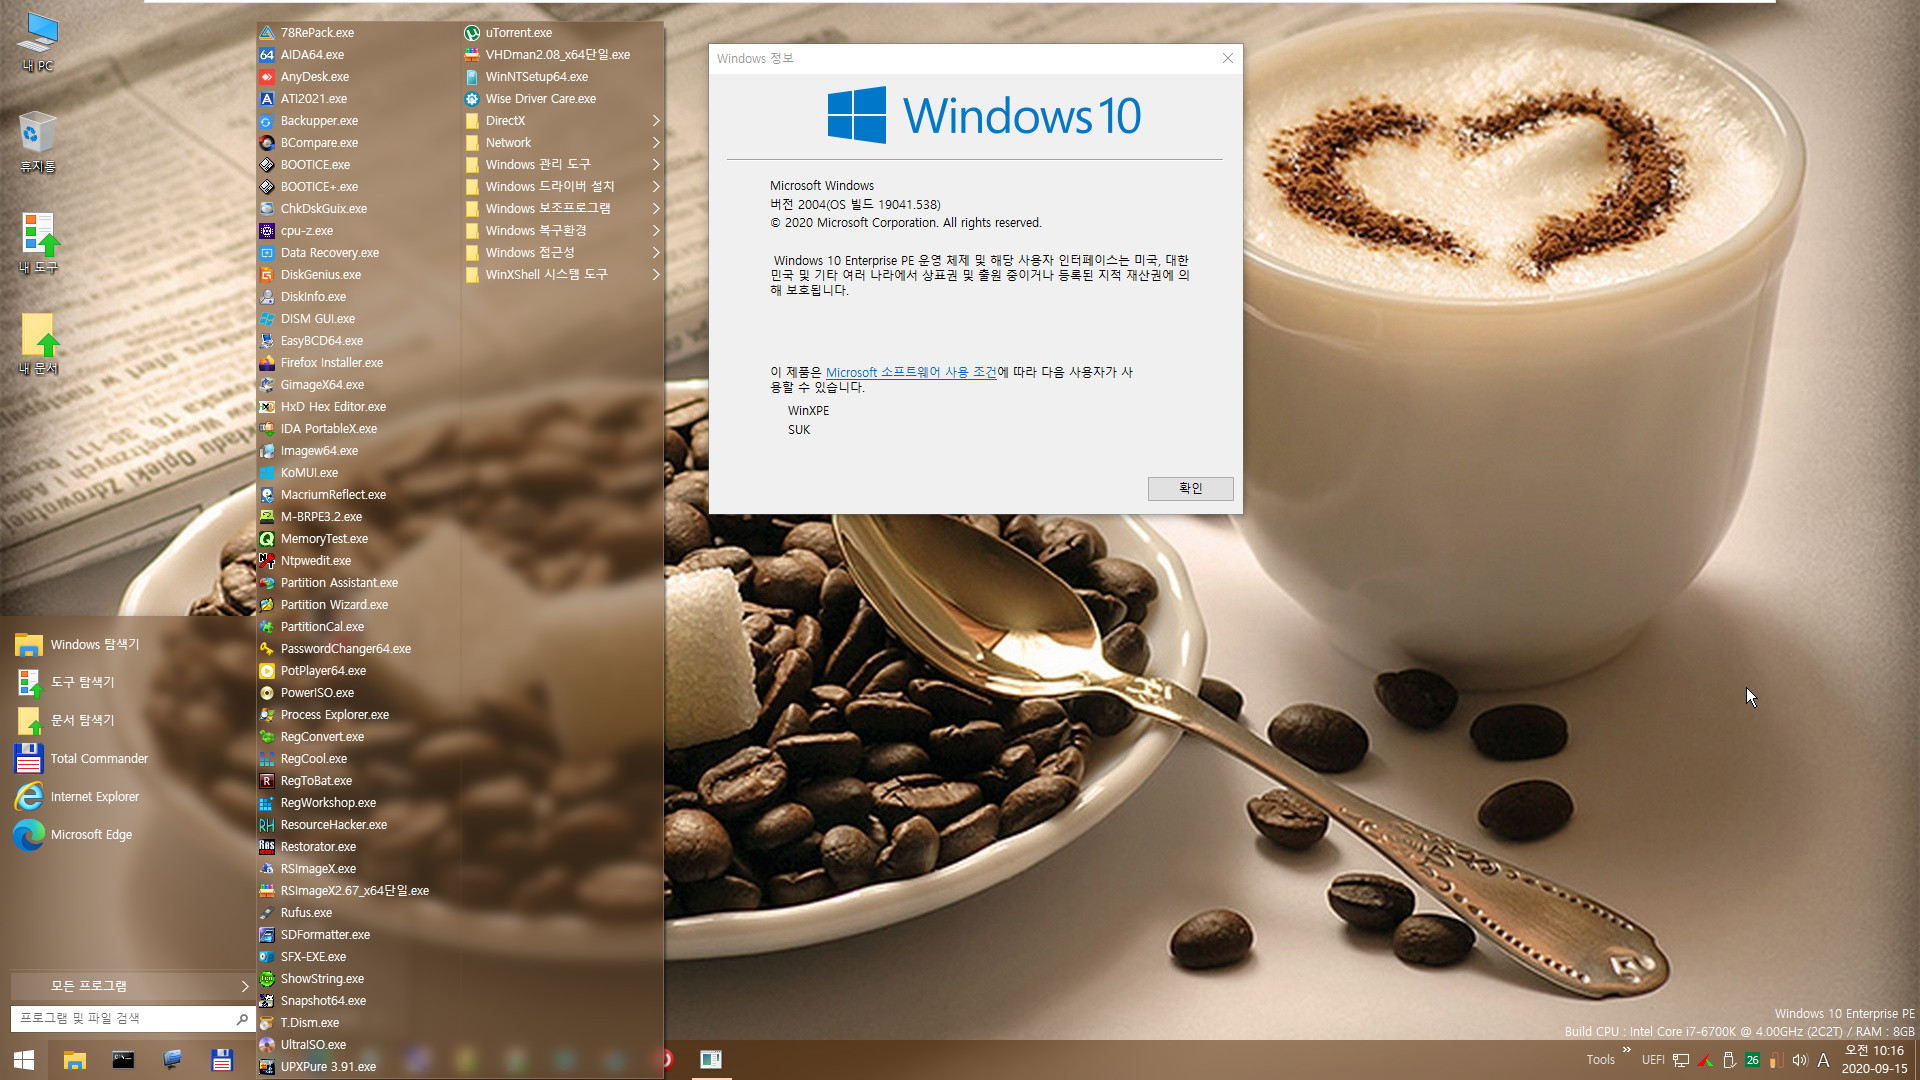 2020-09-15 업데이트 통합 PRO x64 2개 - Windows 10 버전 2004 + 버전 20H2 누적 업데이트 KB4577063 (OS 빌드 19041.538 + 19042.538) - PE 만들기 테스트 2 2020-09-15_101622.jpg